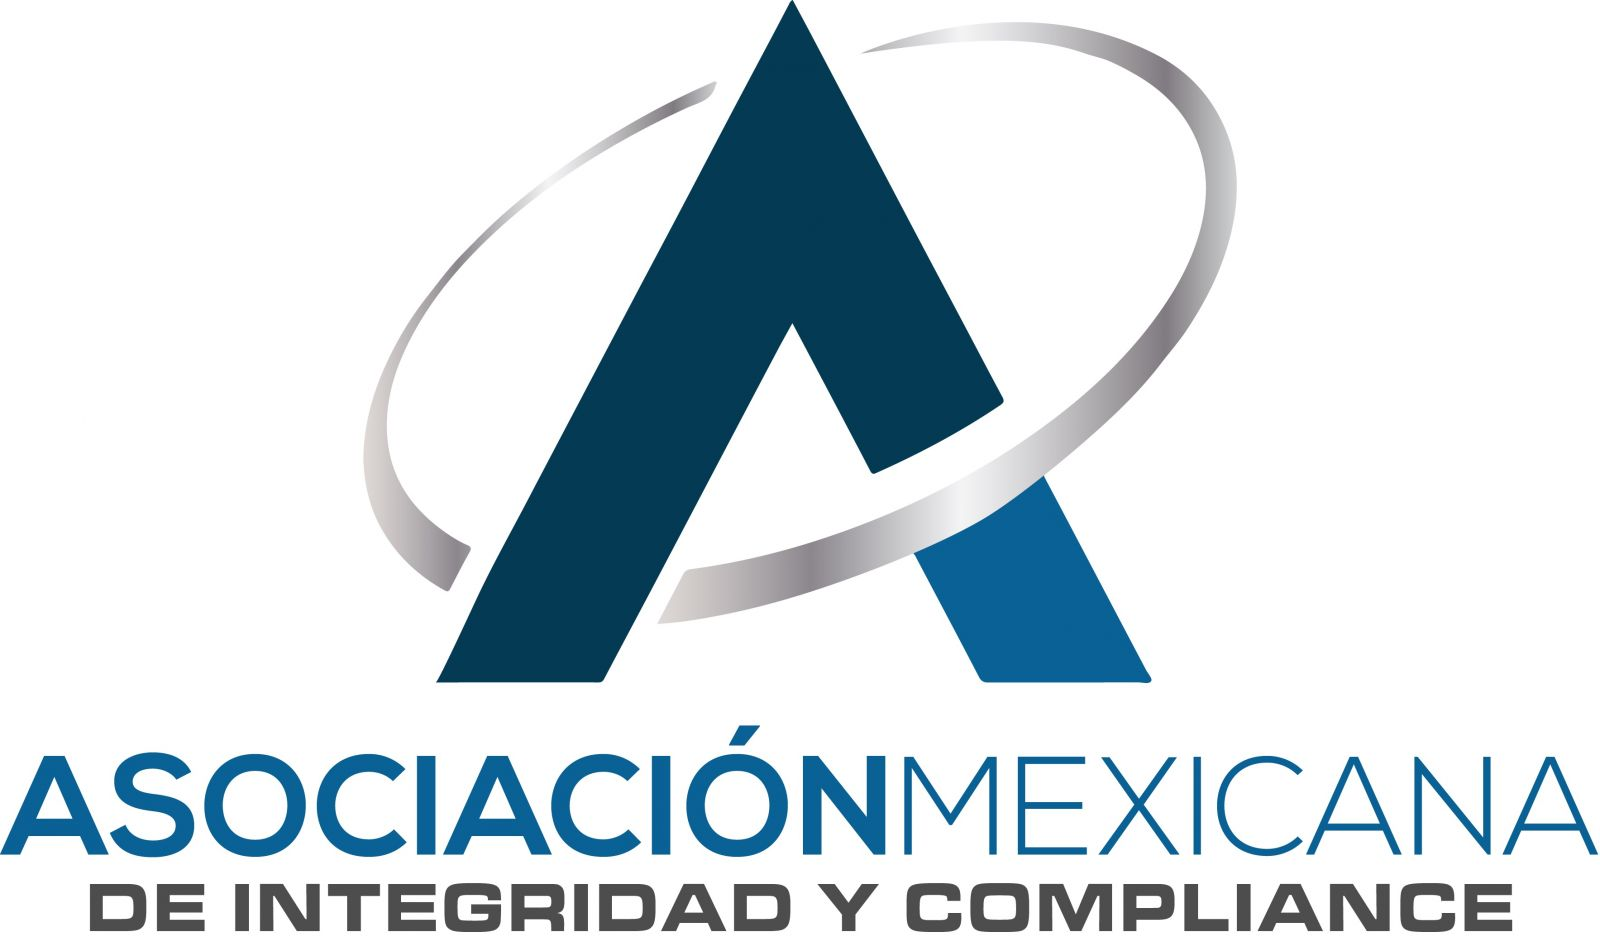 Asociación Mexicana de Integridad y Compliance